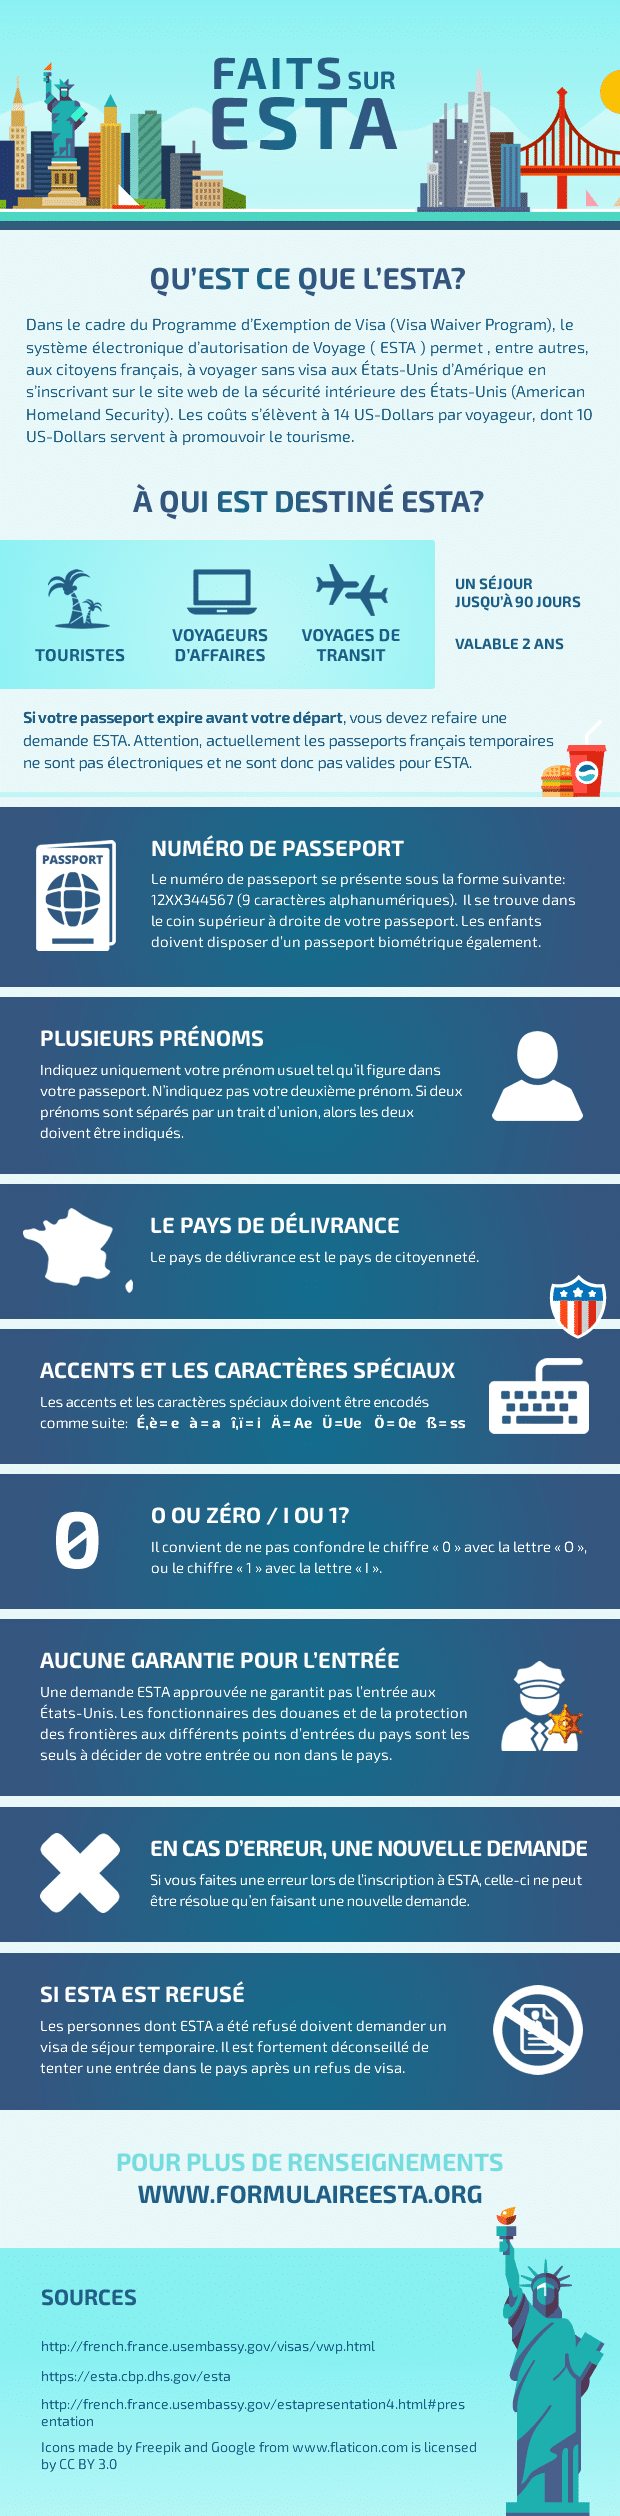 Infographie sur le formulaire ESTA